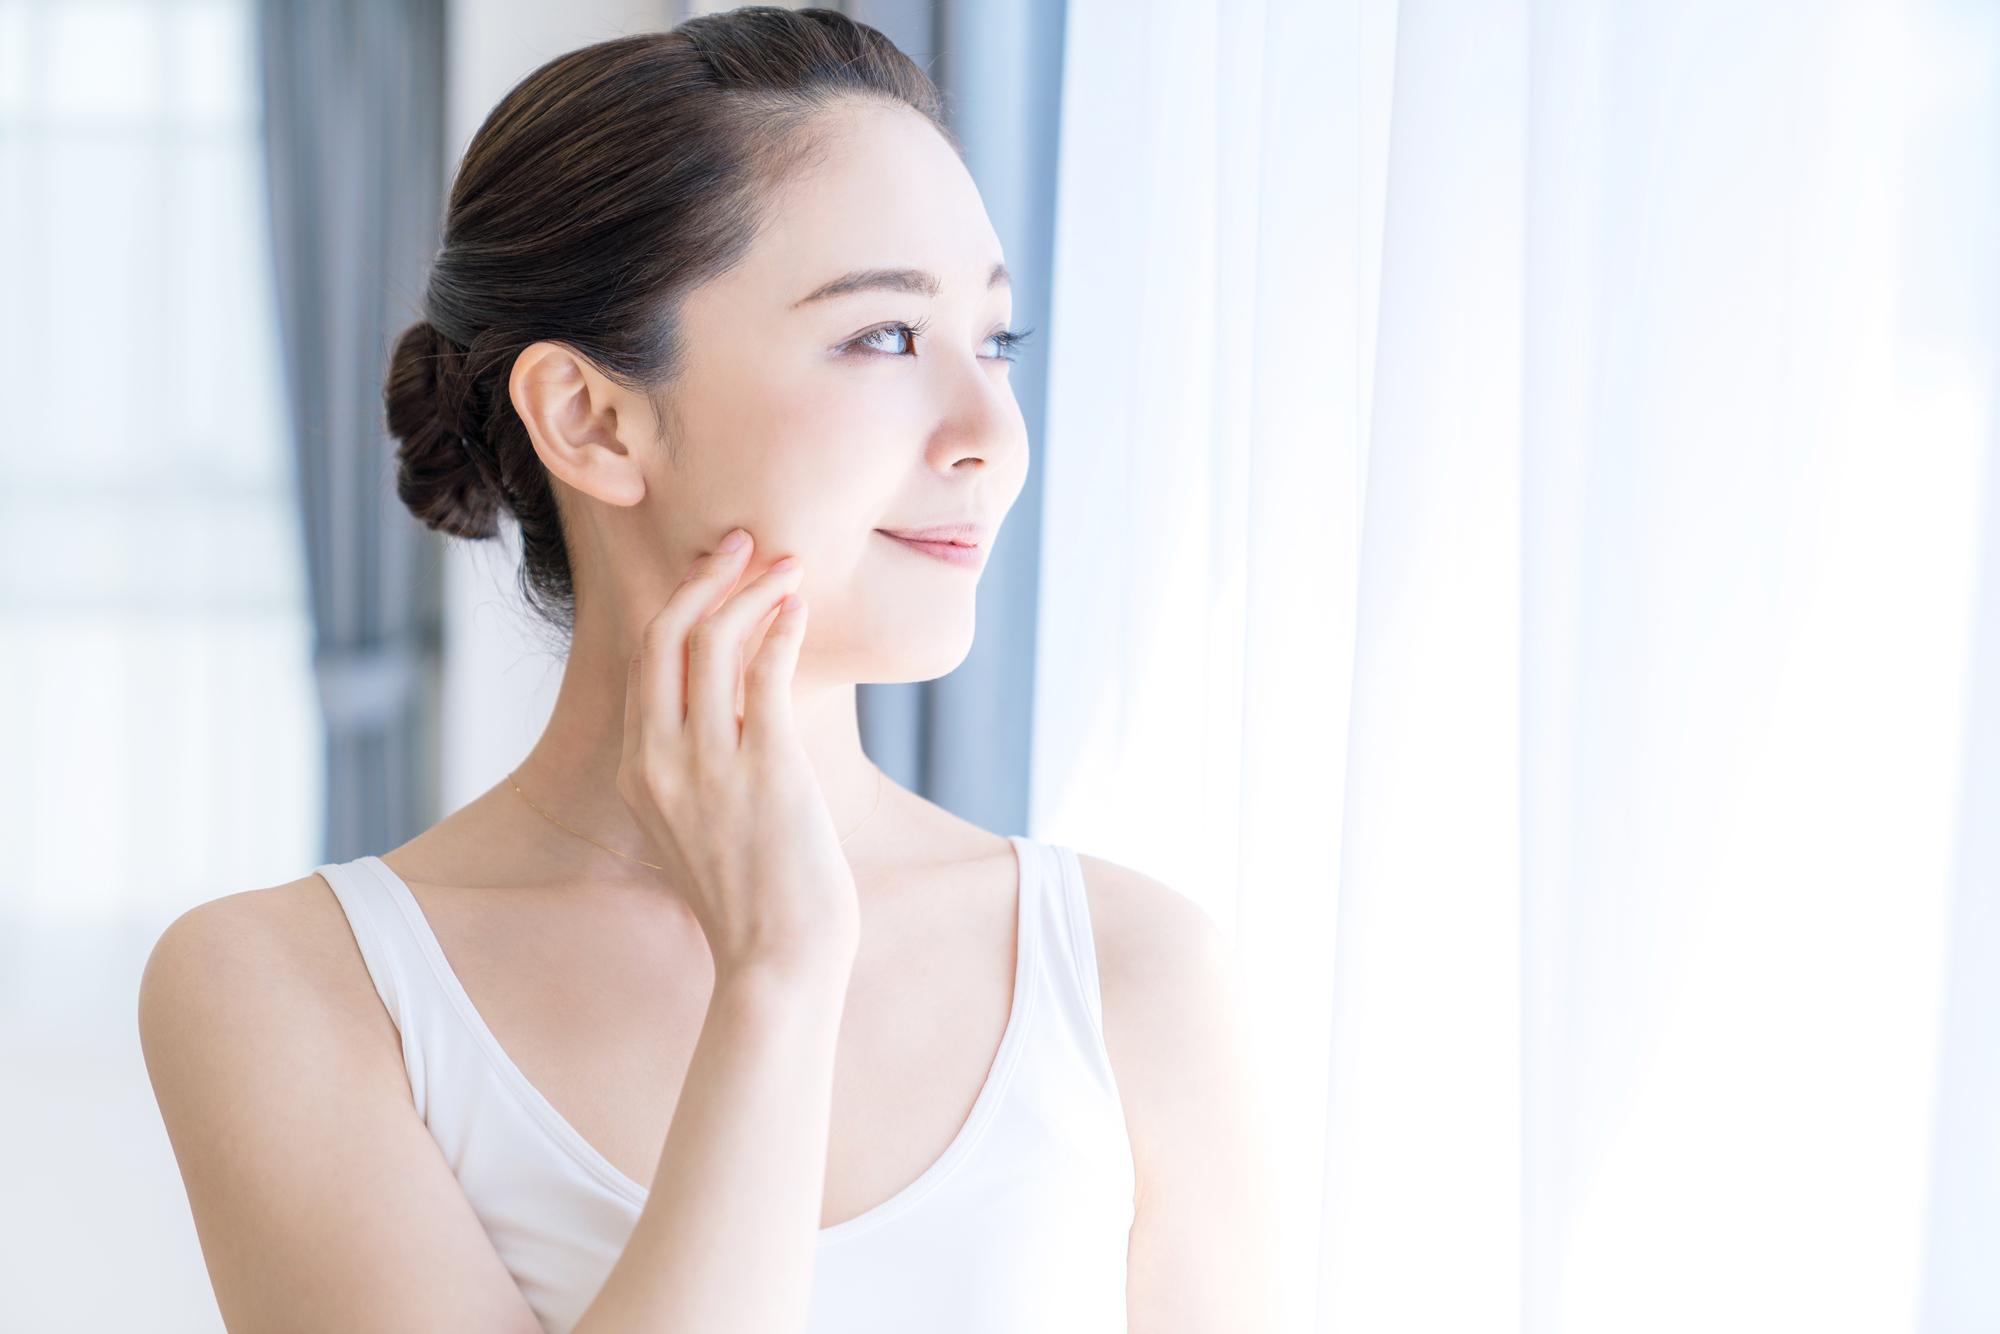 美白化粧水おすすめ12選!シミ対策、ニキビ跡に効果的な化粧水は?